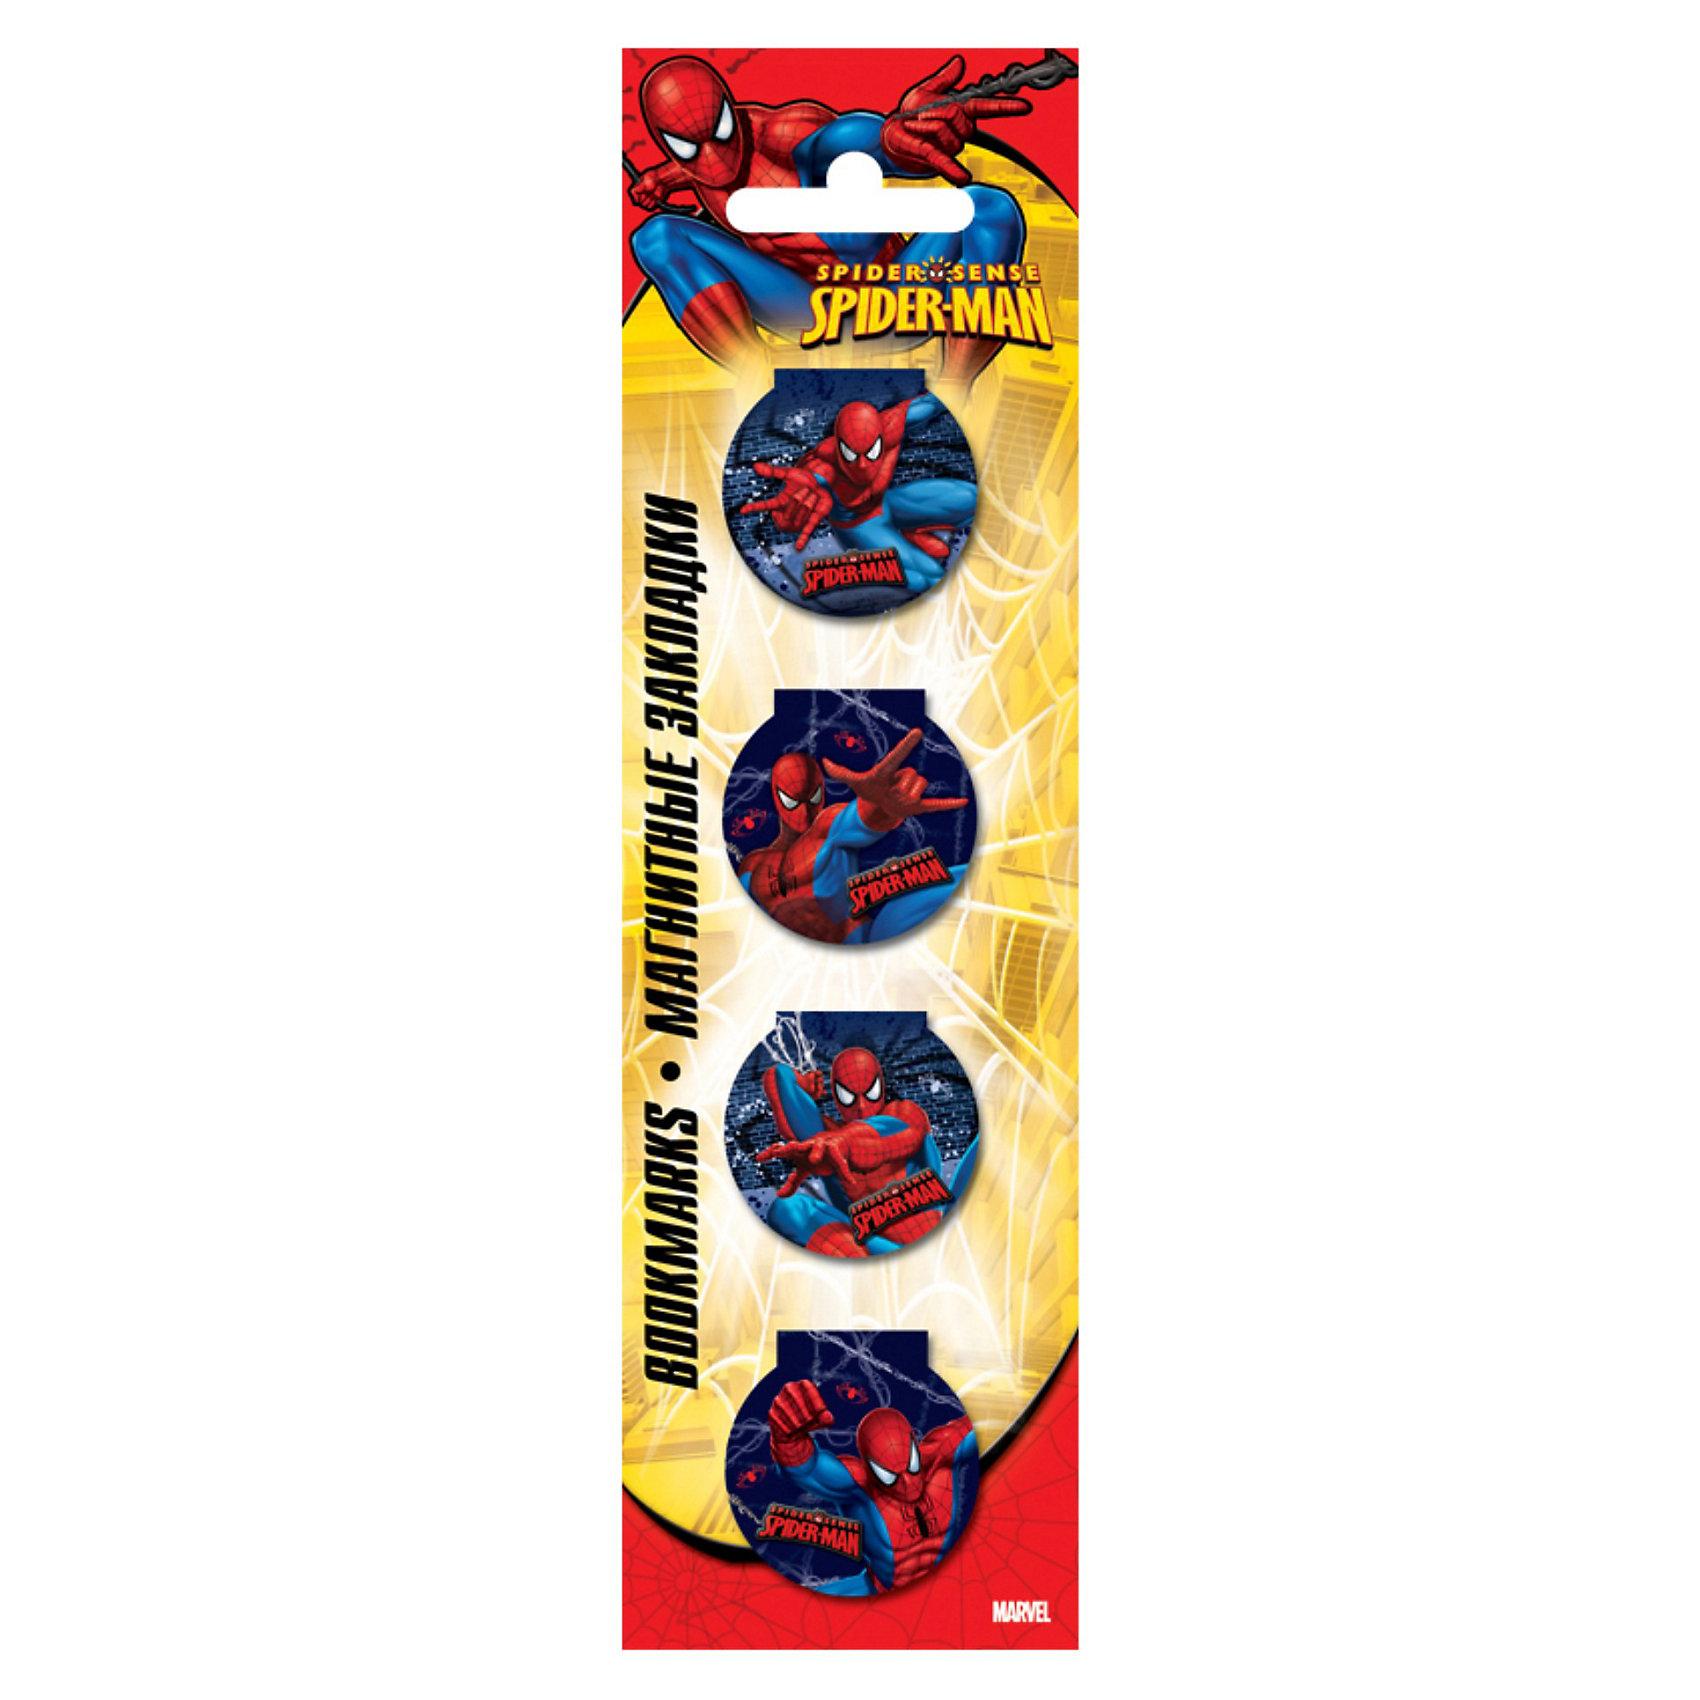 Закладки магнитные, Человек-ПаукМагнитная закладка Spider Man (Человек-паук) – это закладка, которая не выпадает, не мнет страницы книг и не вытаскивается в самый неподходящий момент. <br>Магнитная закладка надежно фиксируется на нужной странице с помощью винилового магнита, который размещается на внутренней стороне. <br>Это актуальный и практичный аксессуар для каждого любителя чтения.<br><br>Дополнительная информация:<br><br>- размер: 10 см.<br>- в наборе 6 штук.<br><br>Магнитную закладку Spider Man можно купить в нашем магазине.<br><br>Ширина мм: 200<br>Глубина мм: 160<br>Высота мм: 10<br>Вес г: 100<br>Возраст от месяцев: 48<br>Возраст до месяцев: 84<br>Пол: Мужской<br>Возраст: Детский<br>SKU: 3563012